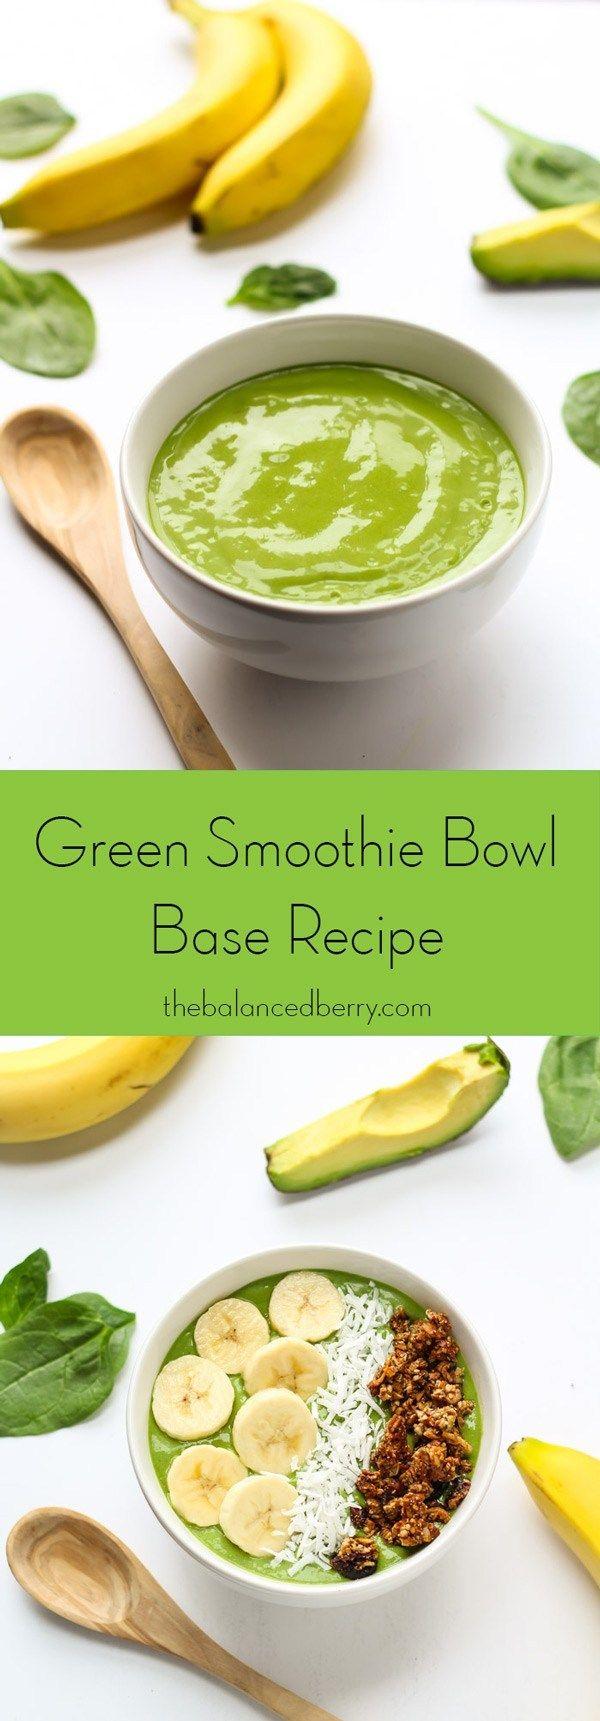 Die beste grüne Smoothie-Schüssel – die ausgeglichene Beere   – Healthy Cooking